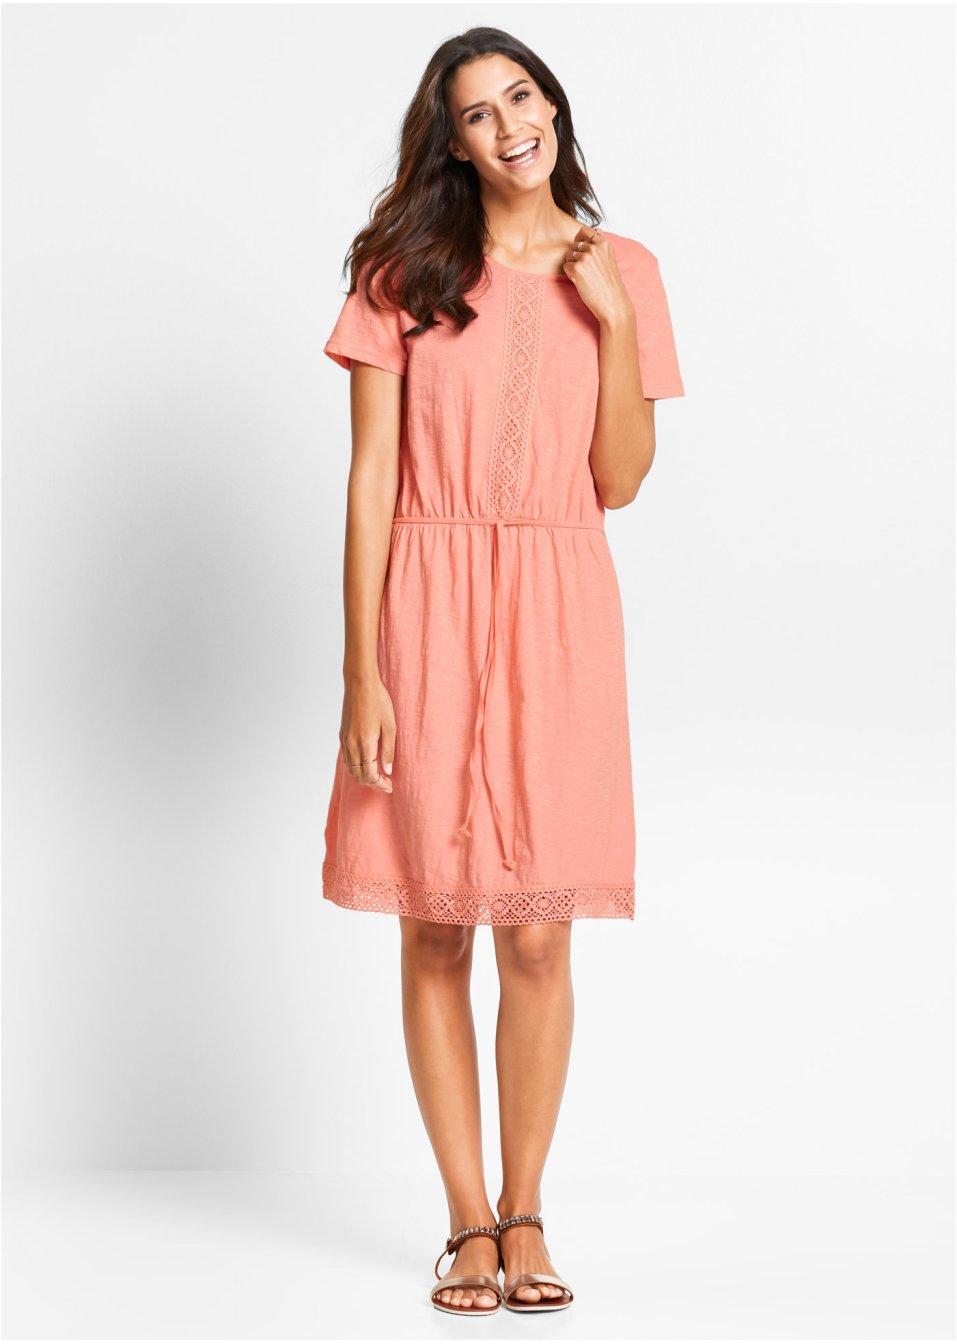 Kleid mit Spitze rot - bpc bonprix collection online ...